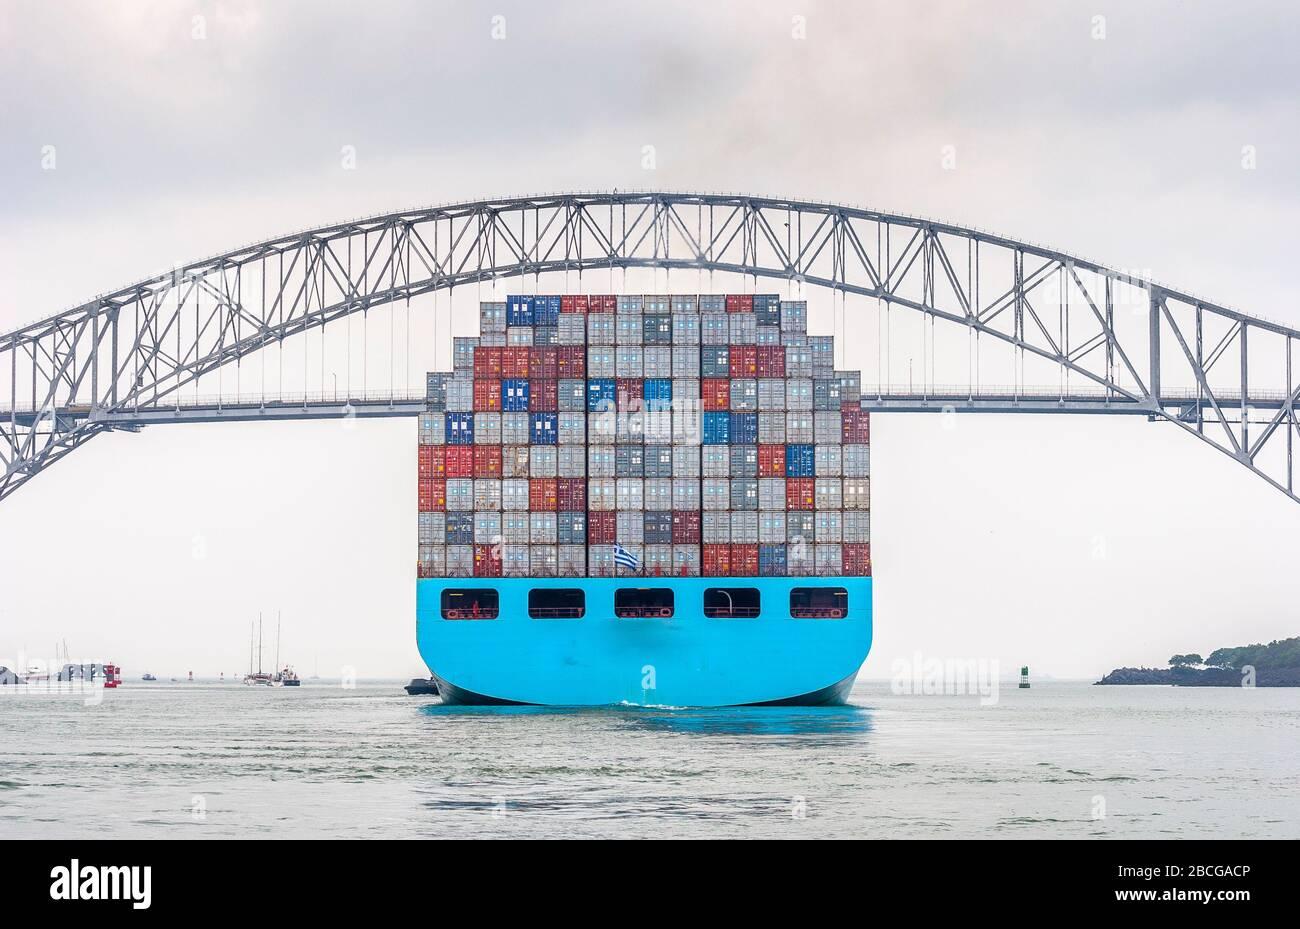 Nave container che lascia il canale di Panama e passa il ponte delle Americhe, l'unico collegamento stradale tra il Nord e il Sud America Foto Stock